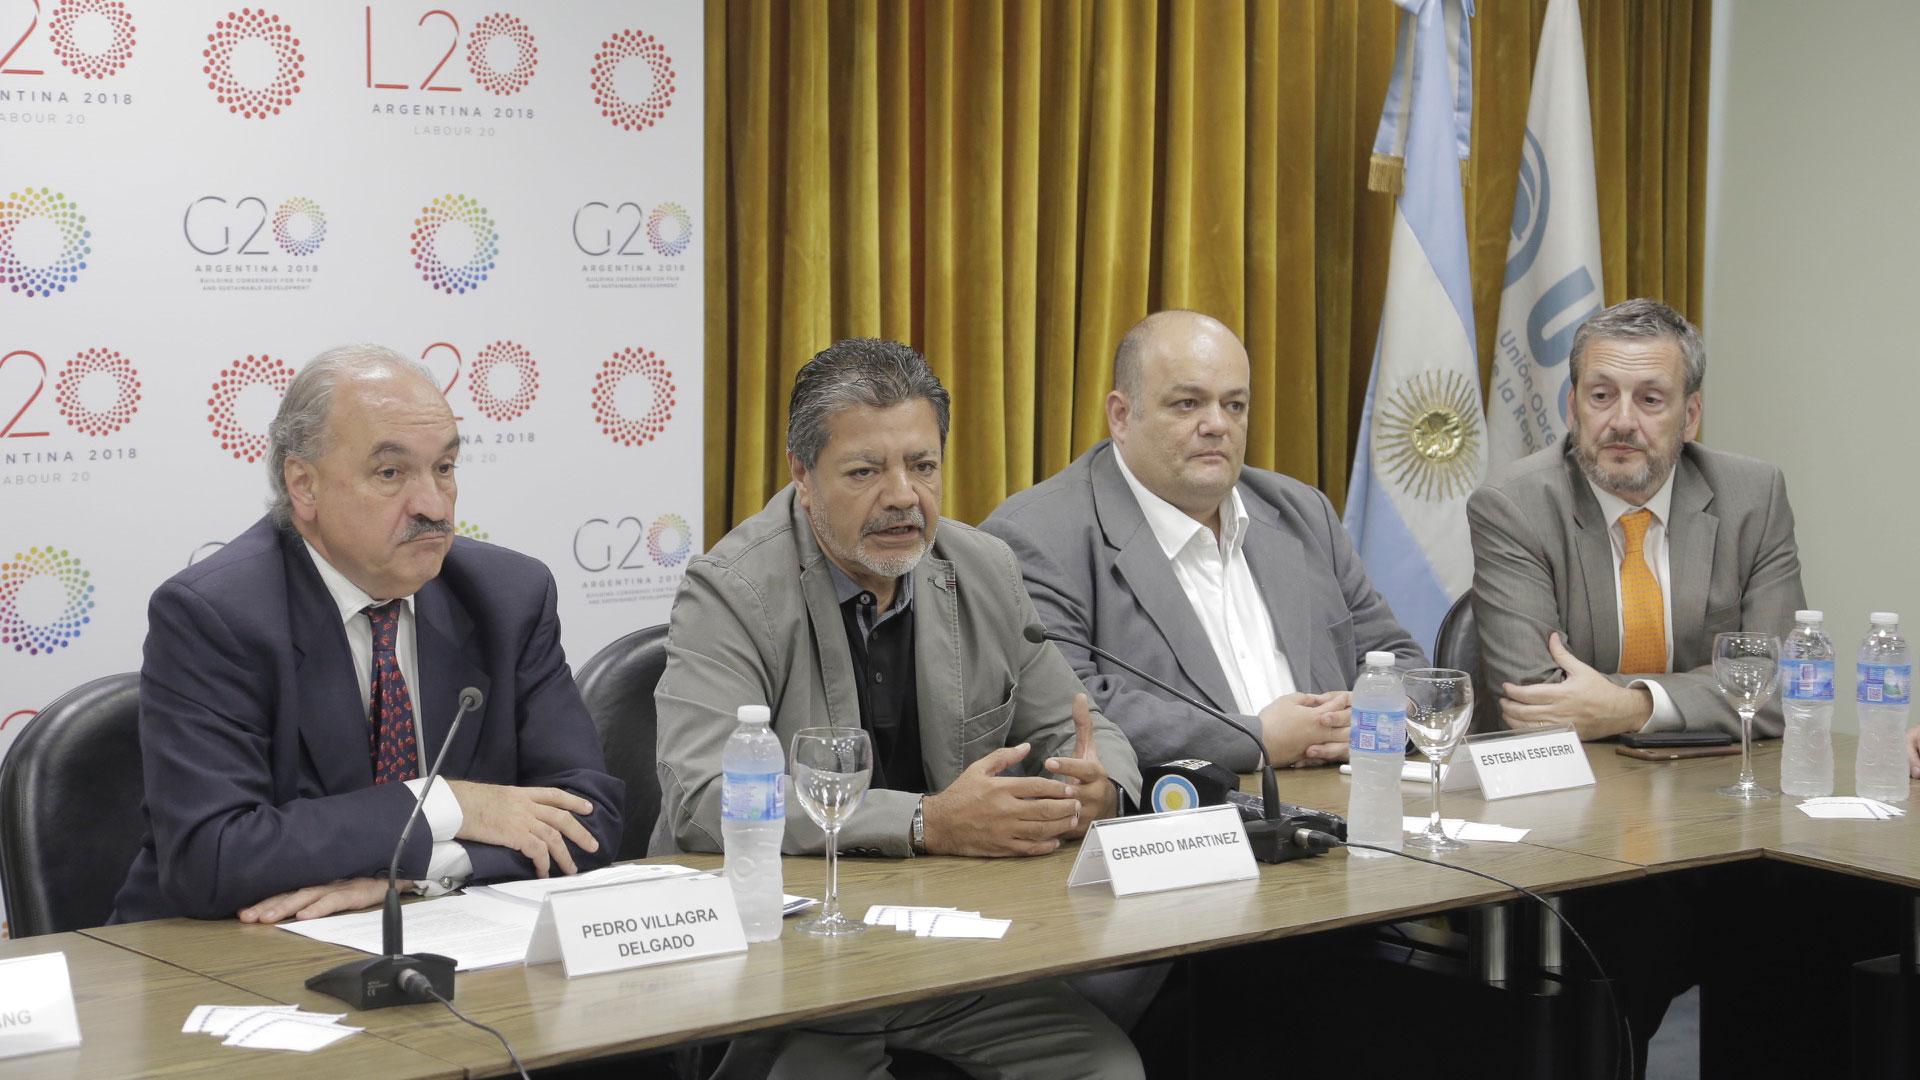 El sherpa argentino, Pedro Villagra Delgado; el presidente del L20, Gerardo Martínez; y el Sherpa del ministerio de Trabajo, Esteban Eseverri